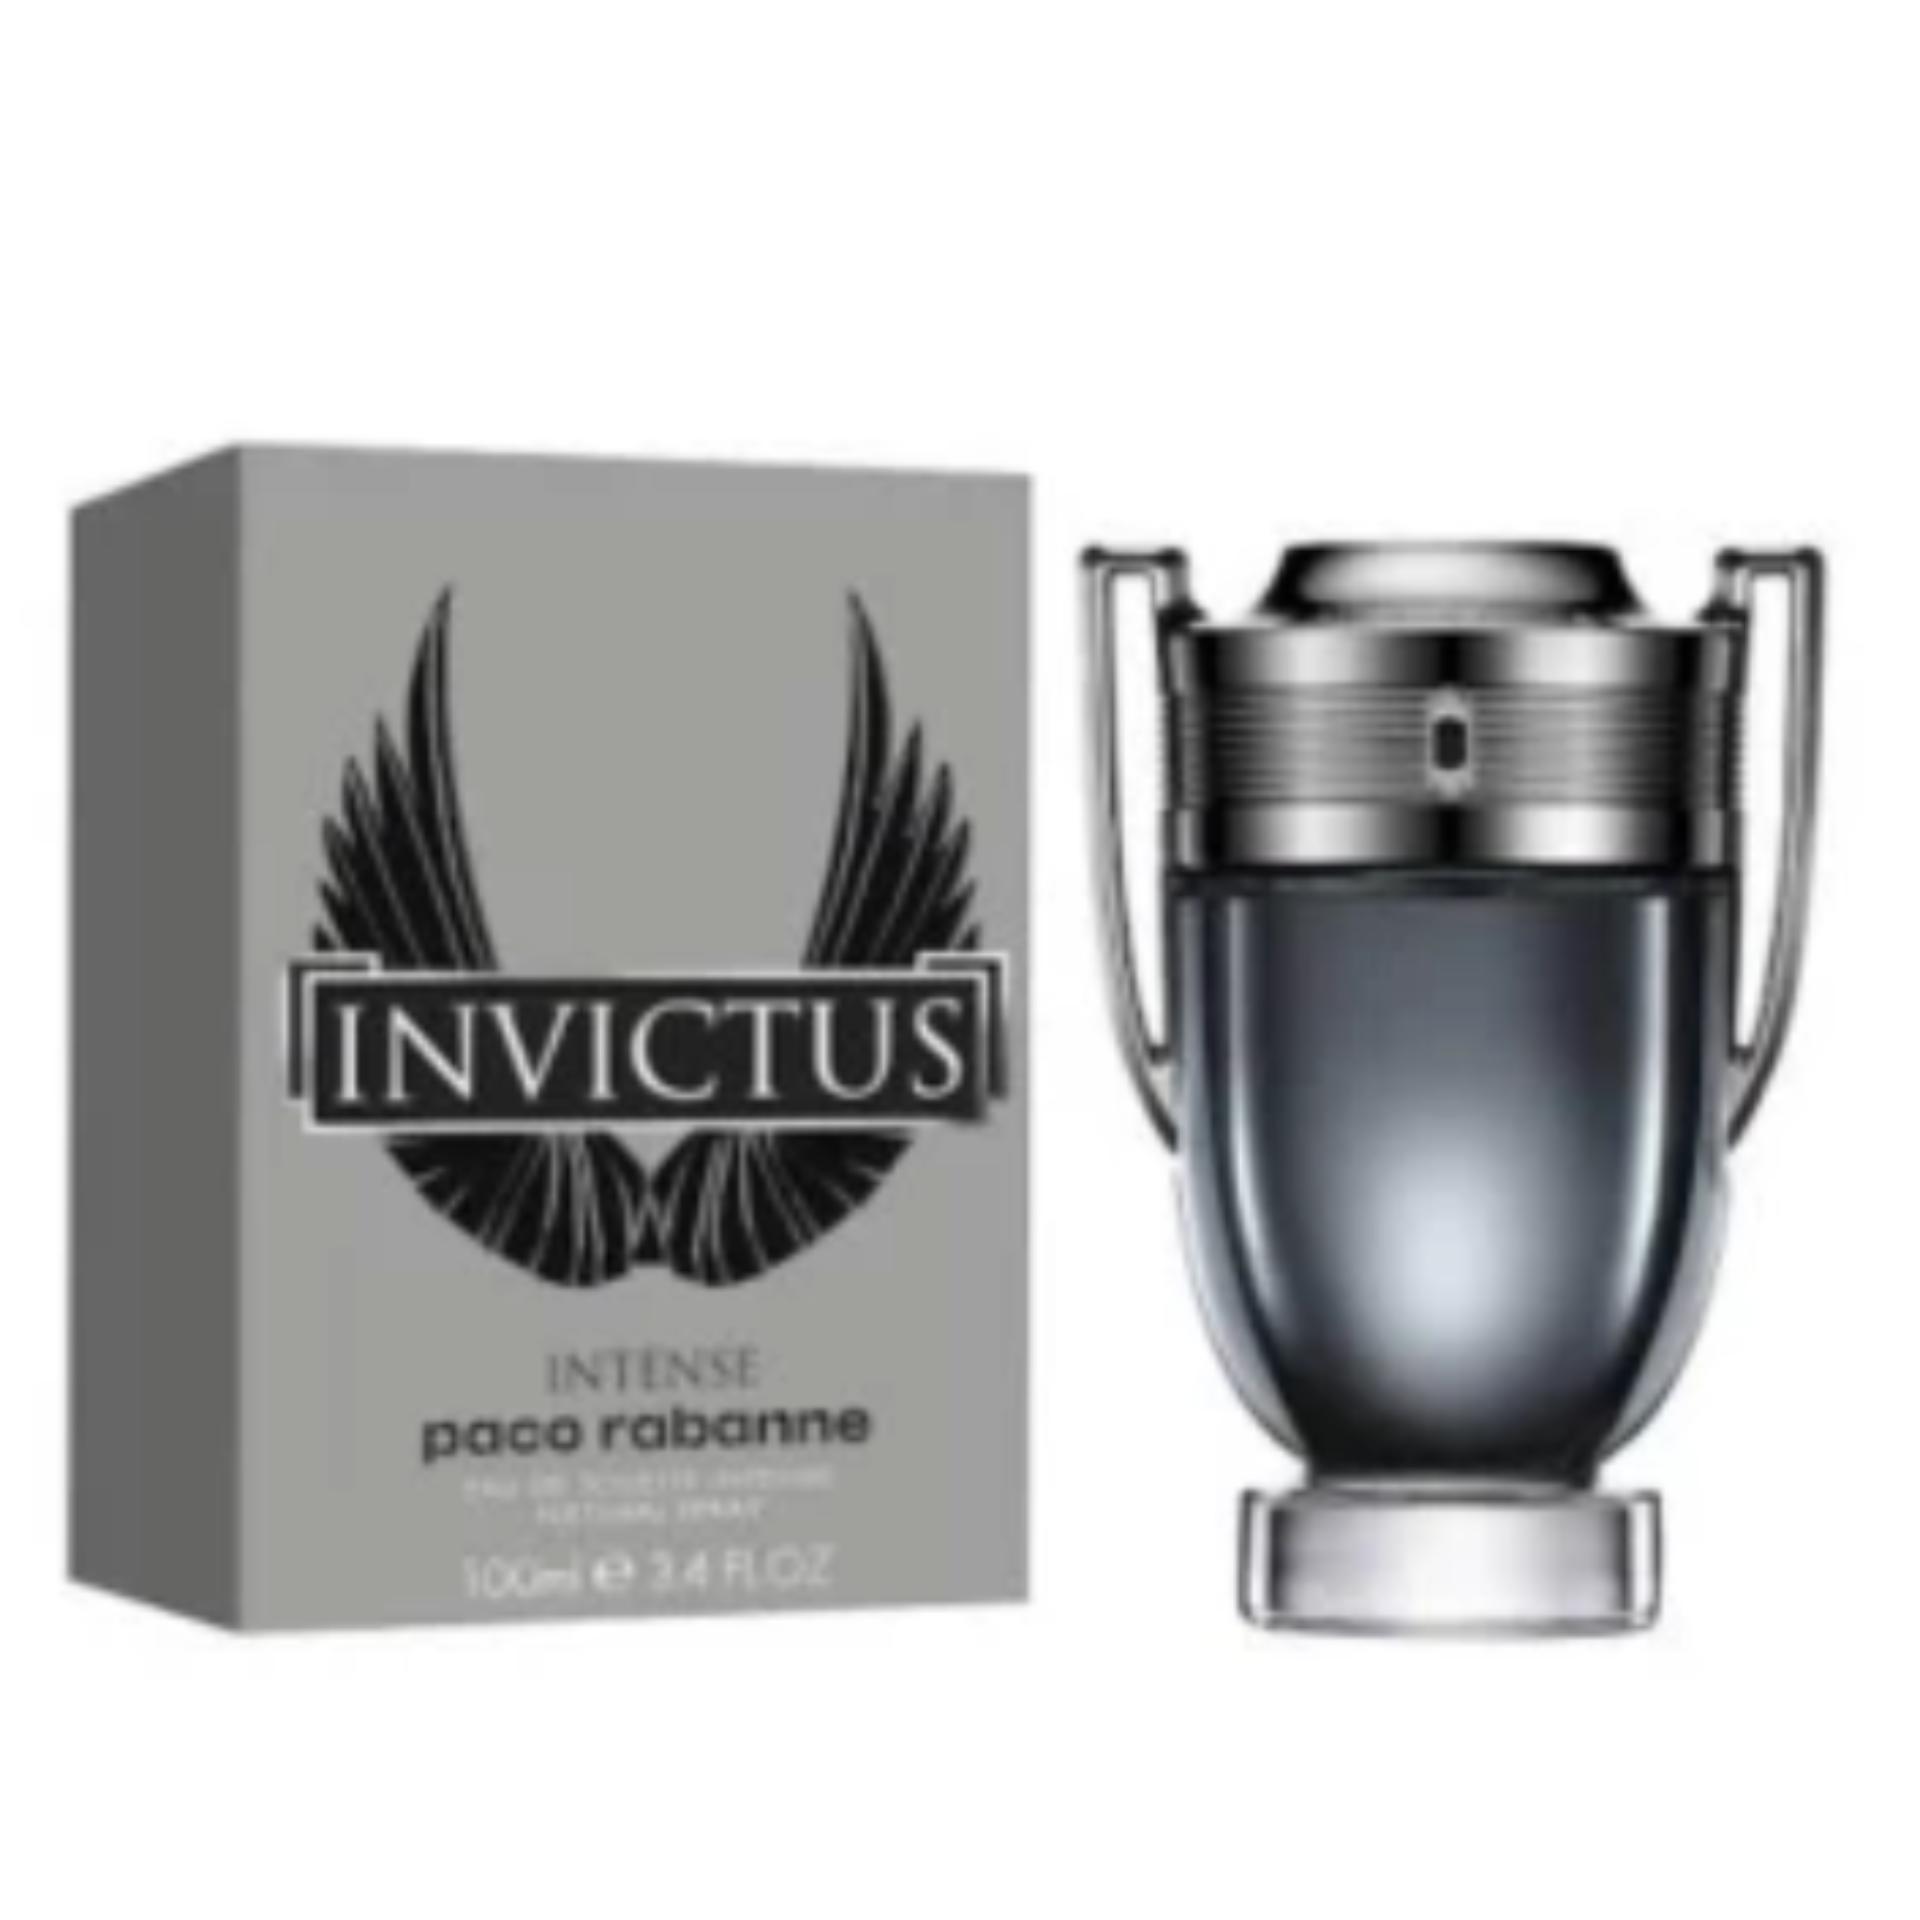 Invictus Intense Eau de Toilette by Paco Rabanne 100ml